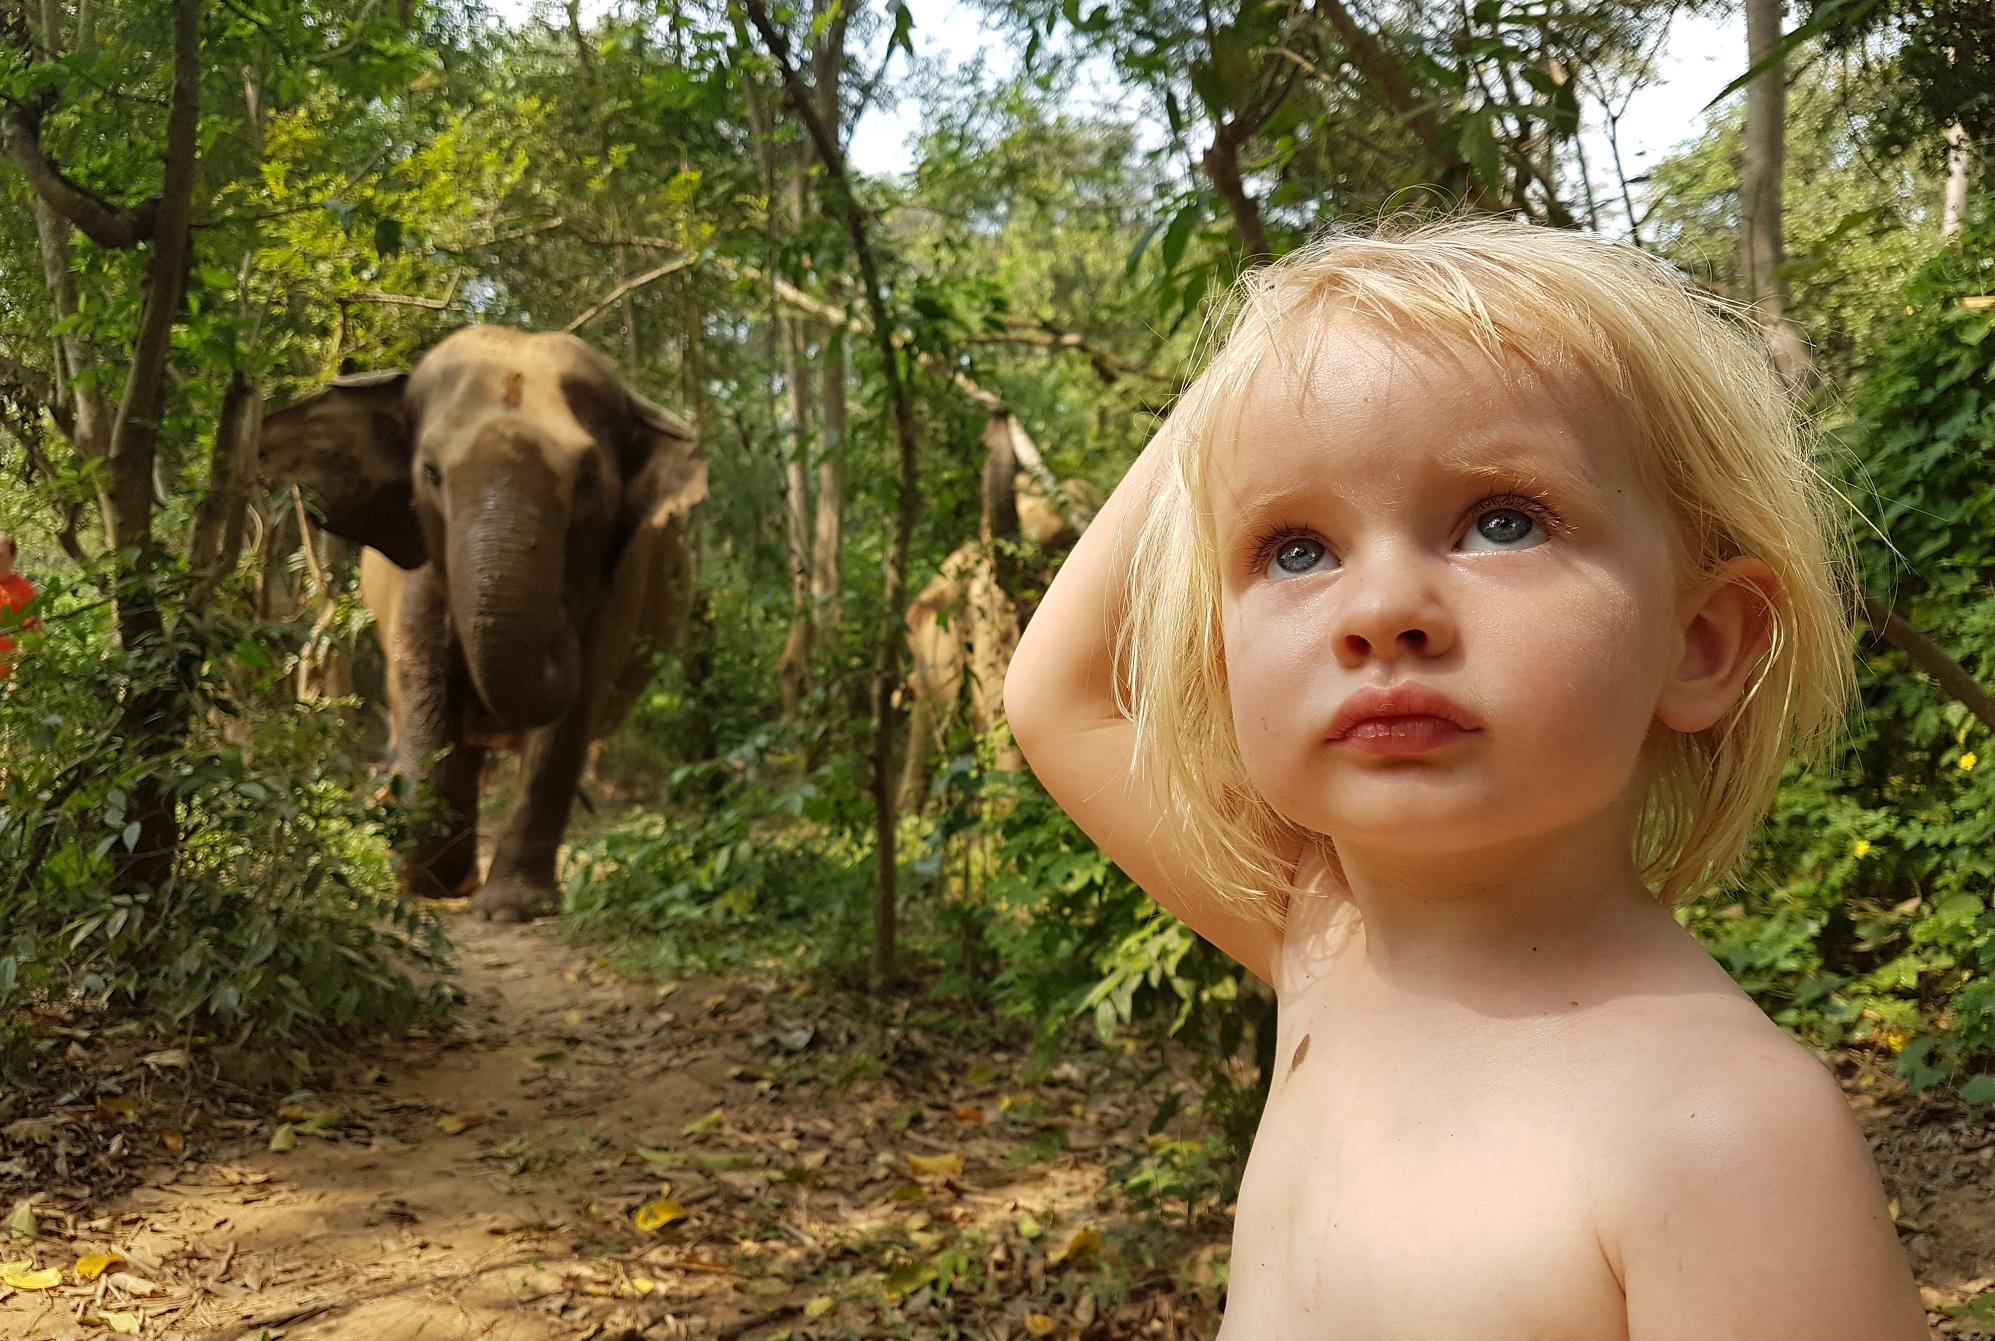 daelynn olifant thailand